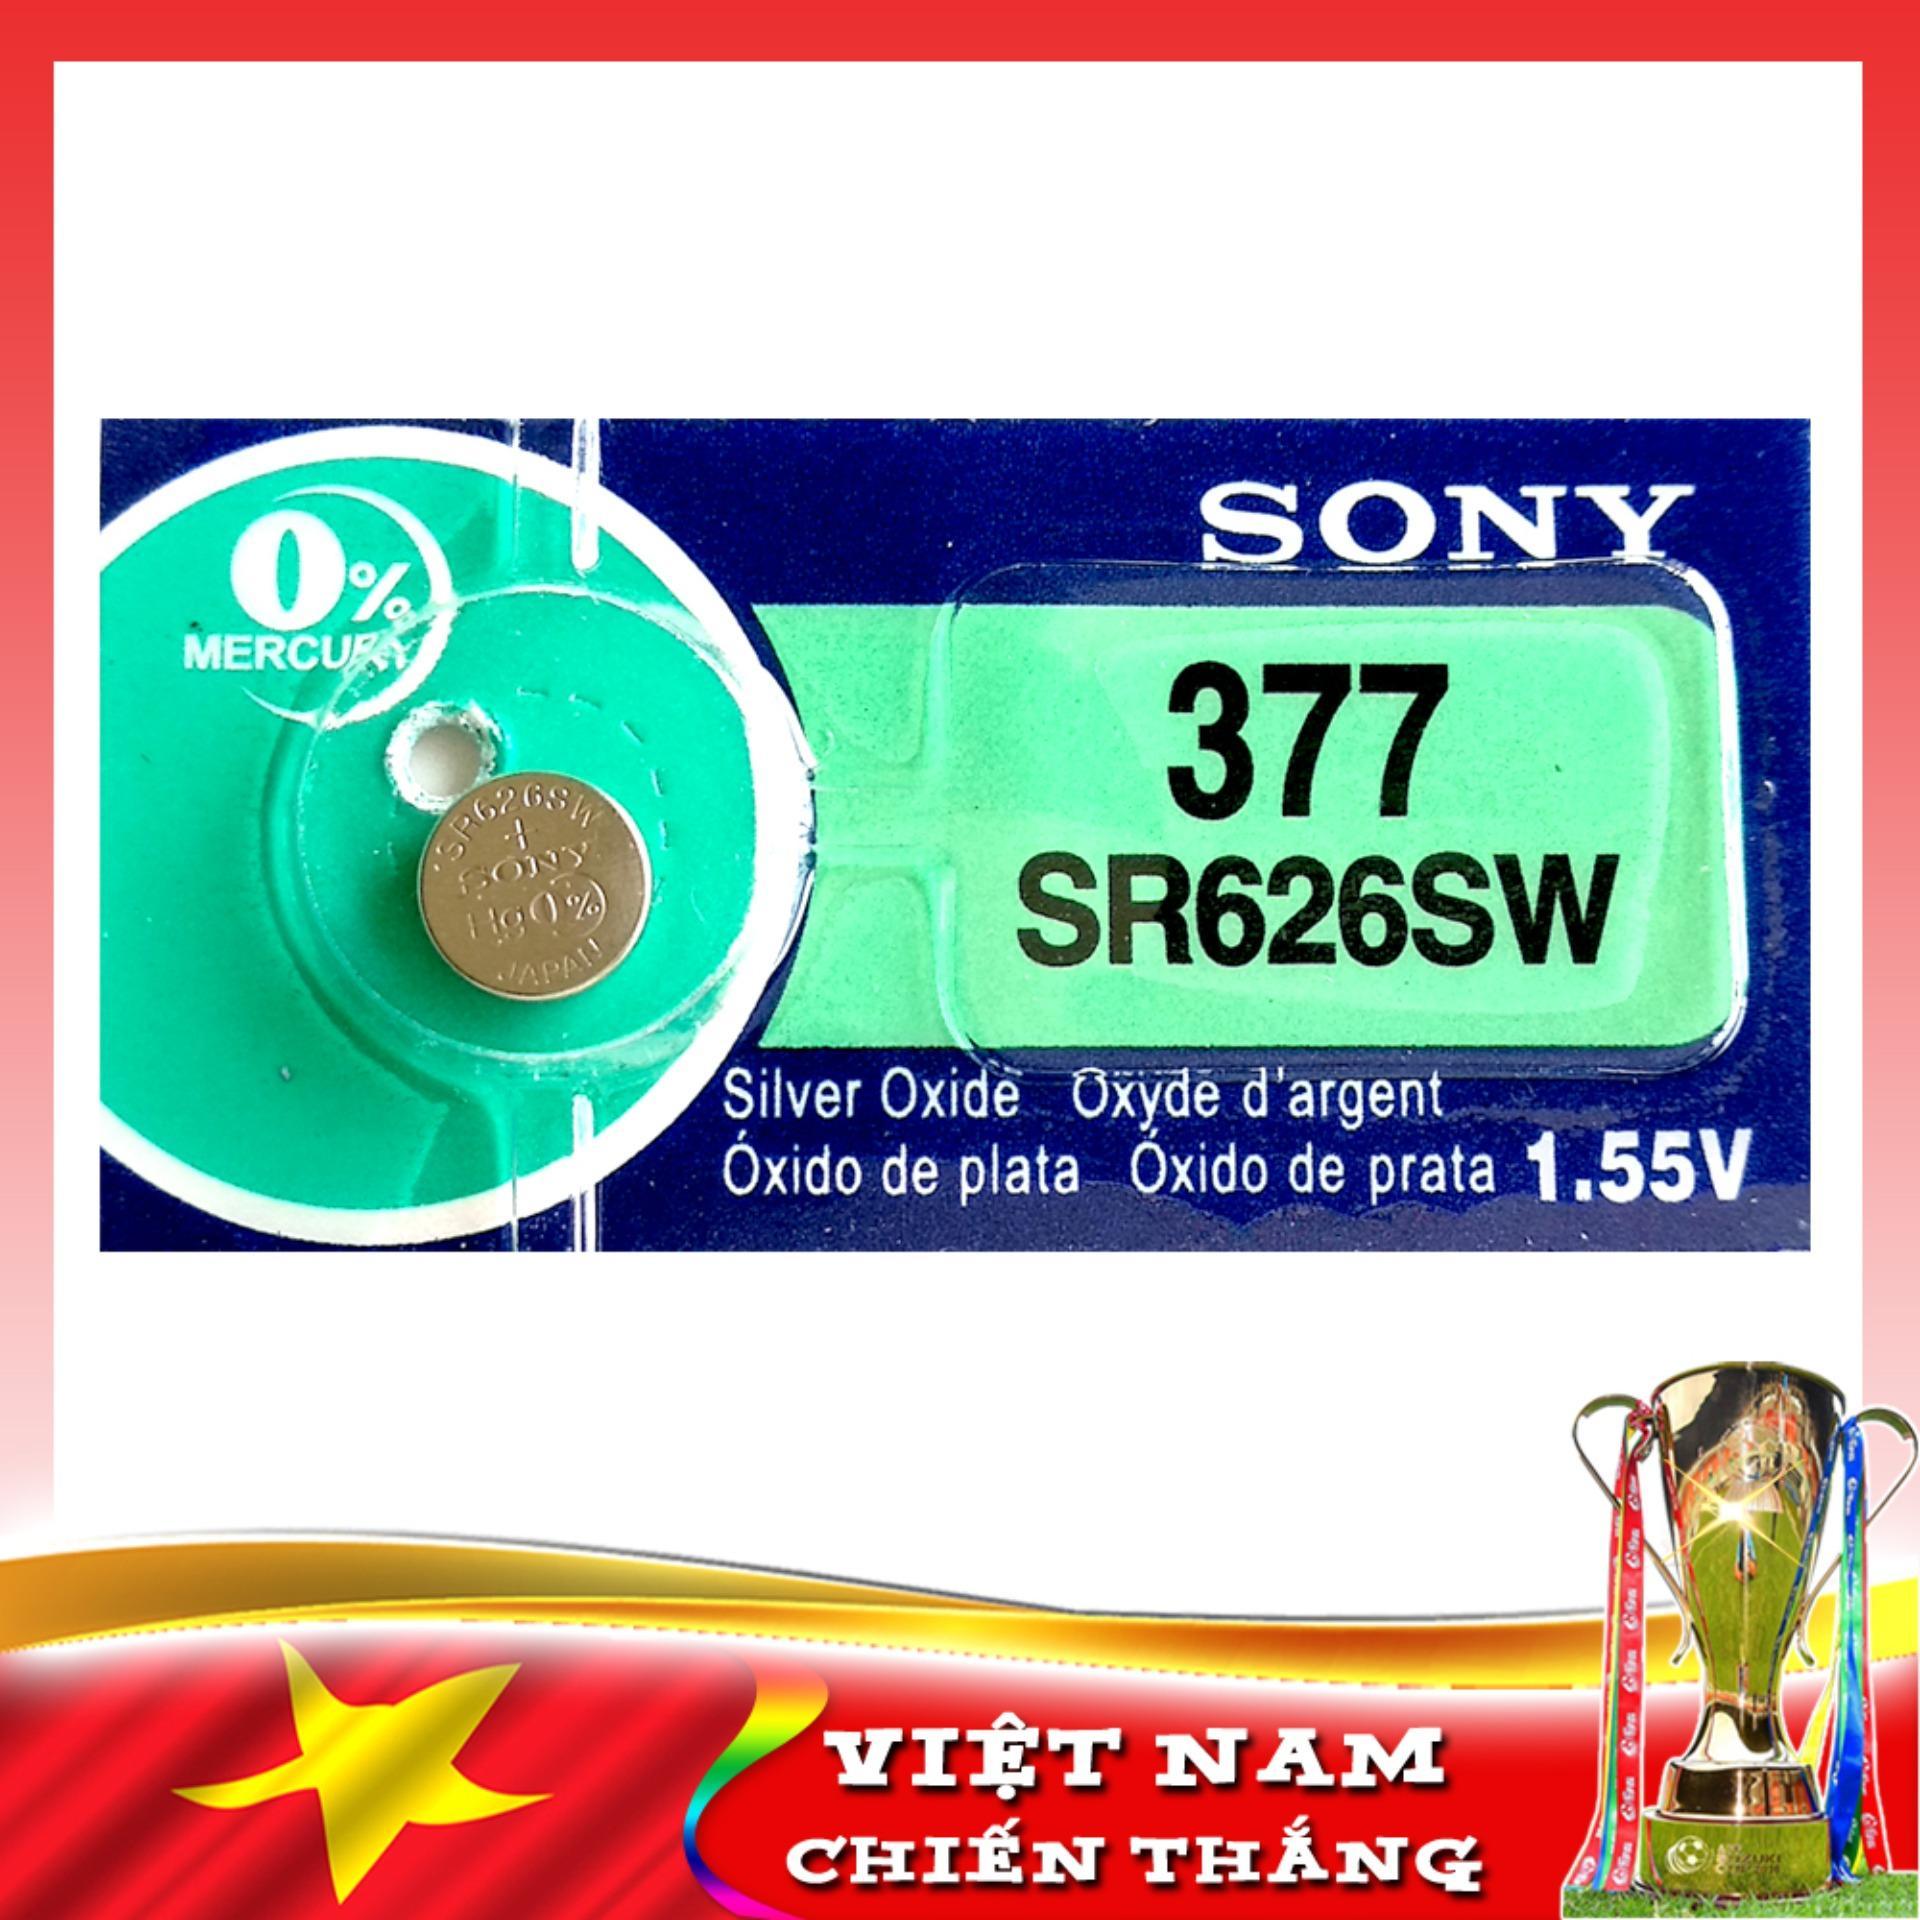 Pin đồng Hồ đeo Tay SONY 626 JAPAN (377-SR626SW) Thời Gian Sử Dụng Trung Bình 2 Năm Giảm Giá Khủng